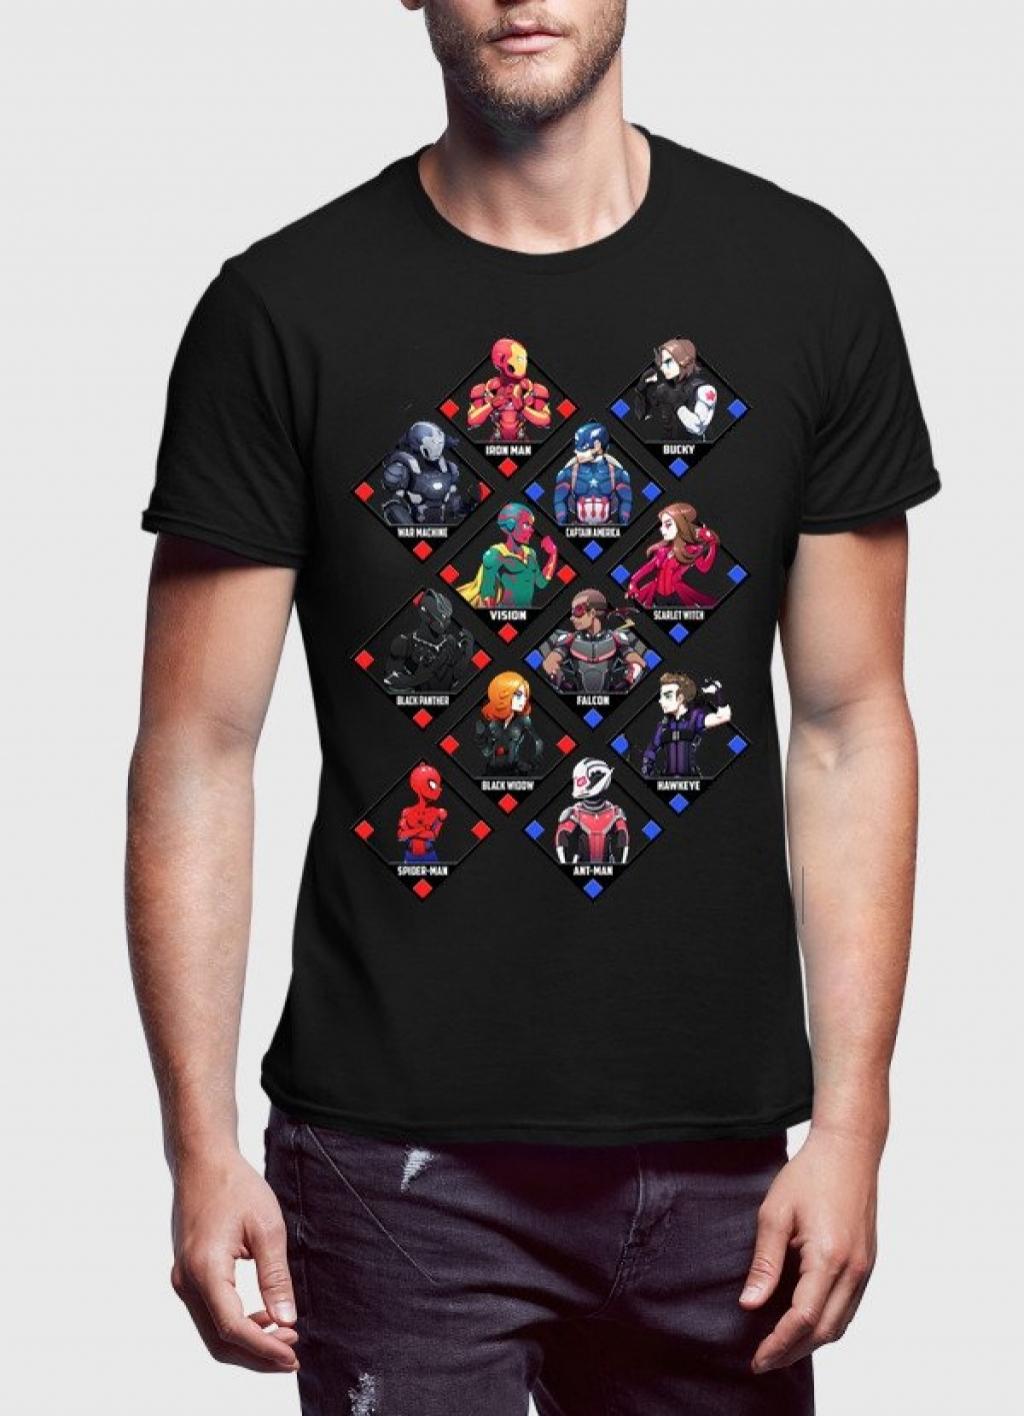 14964096830_Captain_America_Men_T-Shirt_in_Black.jpg